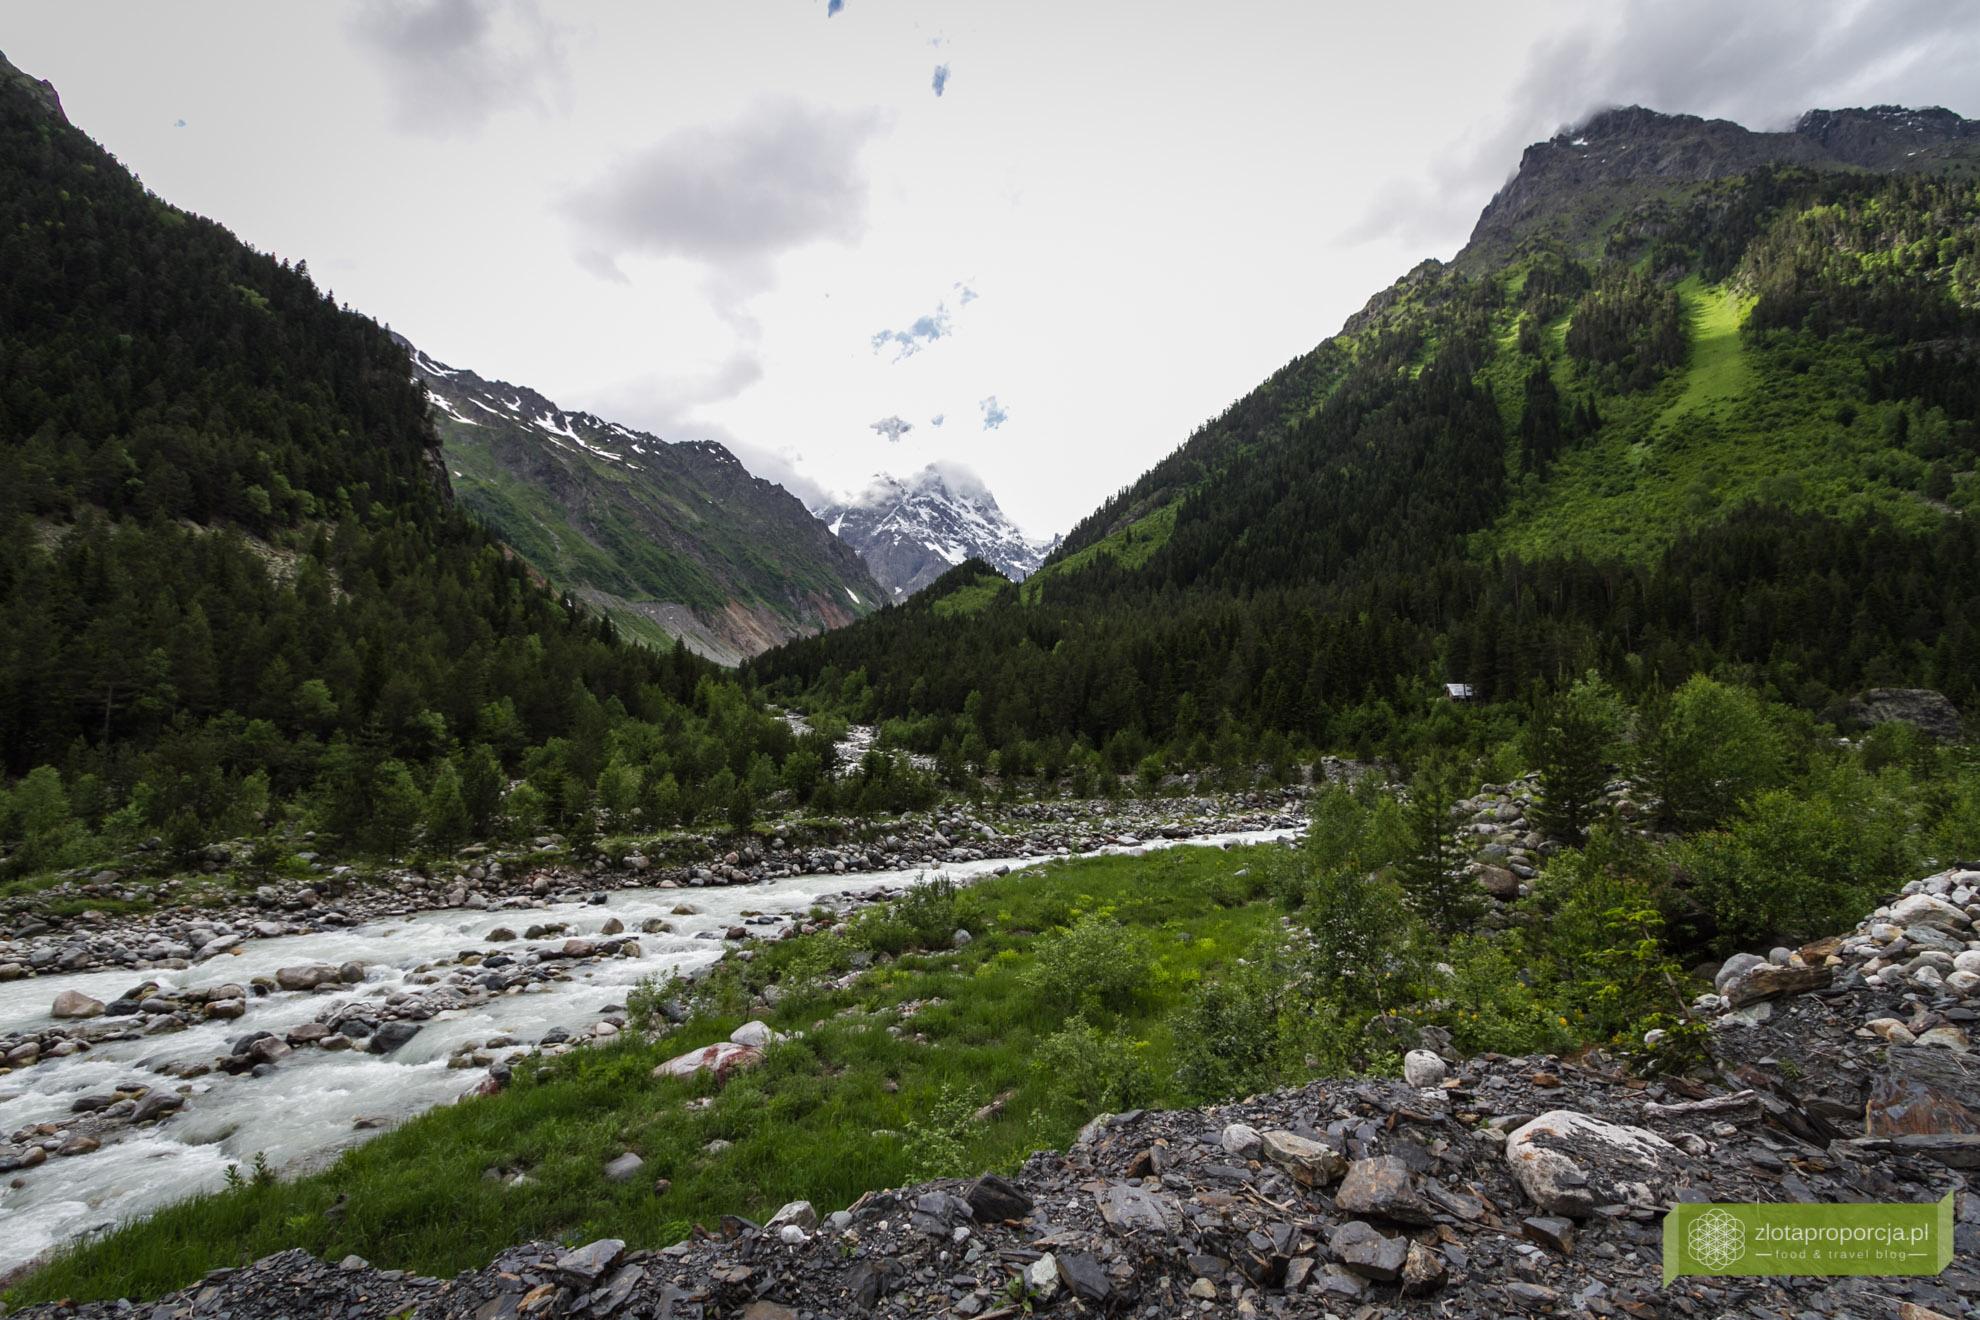 Mestia, Swanetia, Gruzja, atrakcje Gruzji, atrakcje Swanetii, trekking w Swanetii; lodowiec Chaaladi